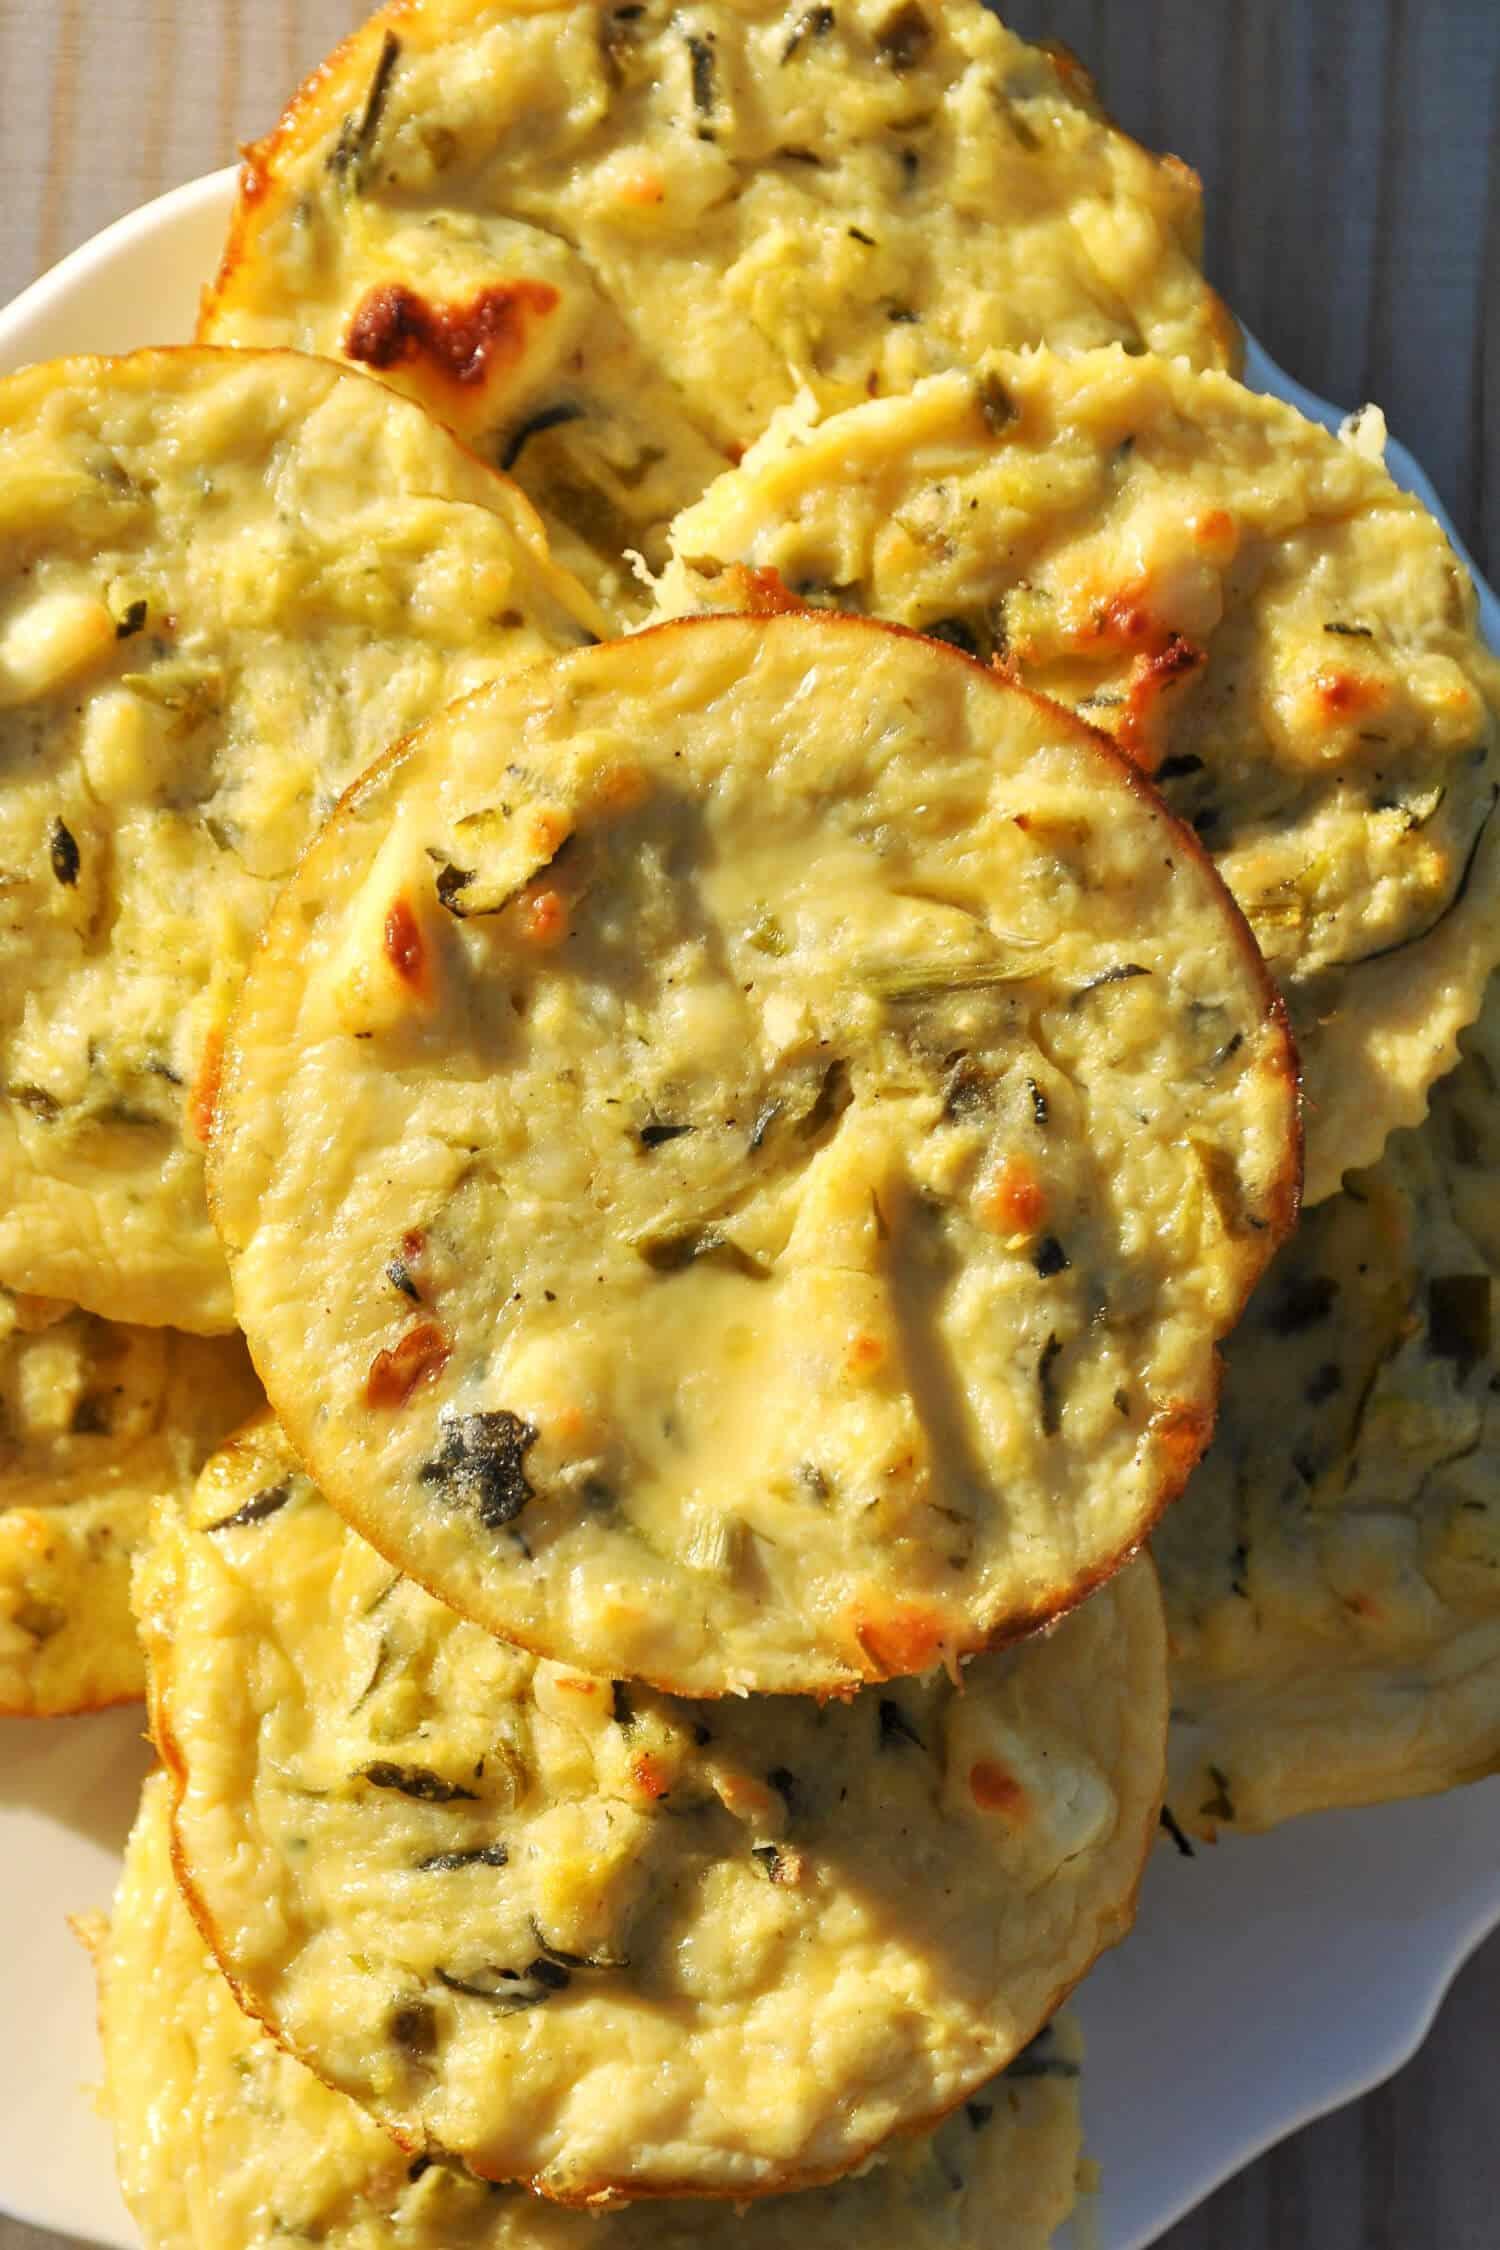 Ein Rezept für herzhafte Muffins, dass du unbedingt ausprobieren solltest: Low Carb Zucchini-Feta-Muffins! Diese herzhaften Low Carb Zucchini-Feta-Muffins sind nicht nur einfach zuzubereiten, sondern glutenfrei, Low Carb und richtig lecker. Für die Zubereitung benötigst du nur 4 Zutaten: Zucchini, Feta, Mandelmehl und ein Eier. Probier es am besten direkt aus!